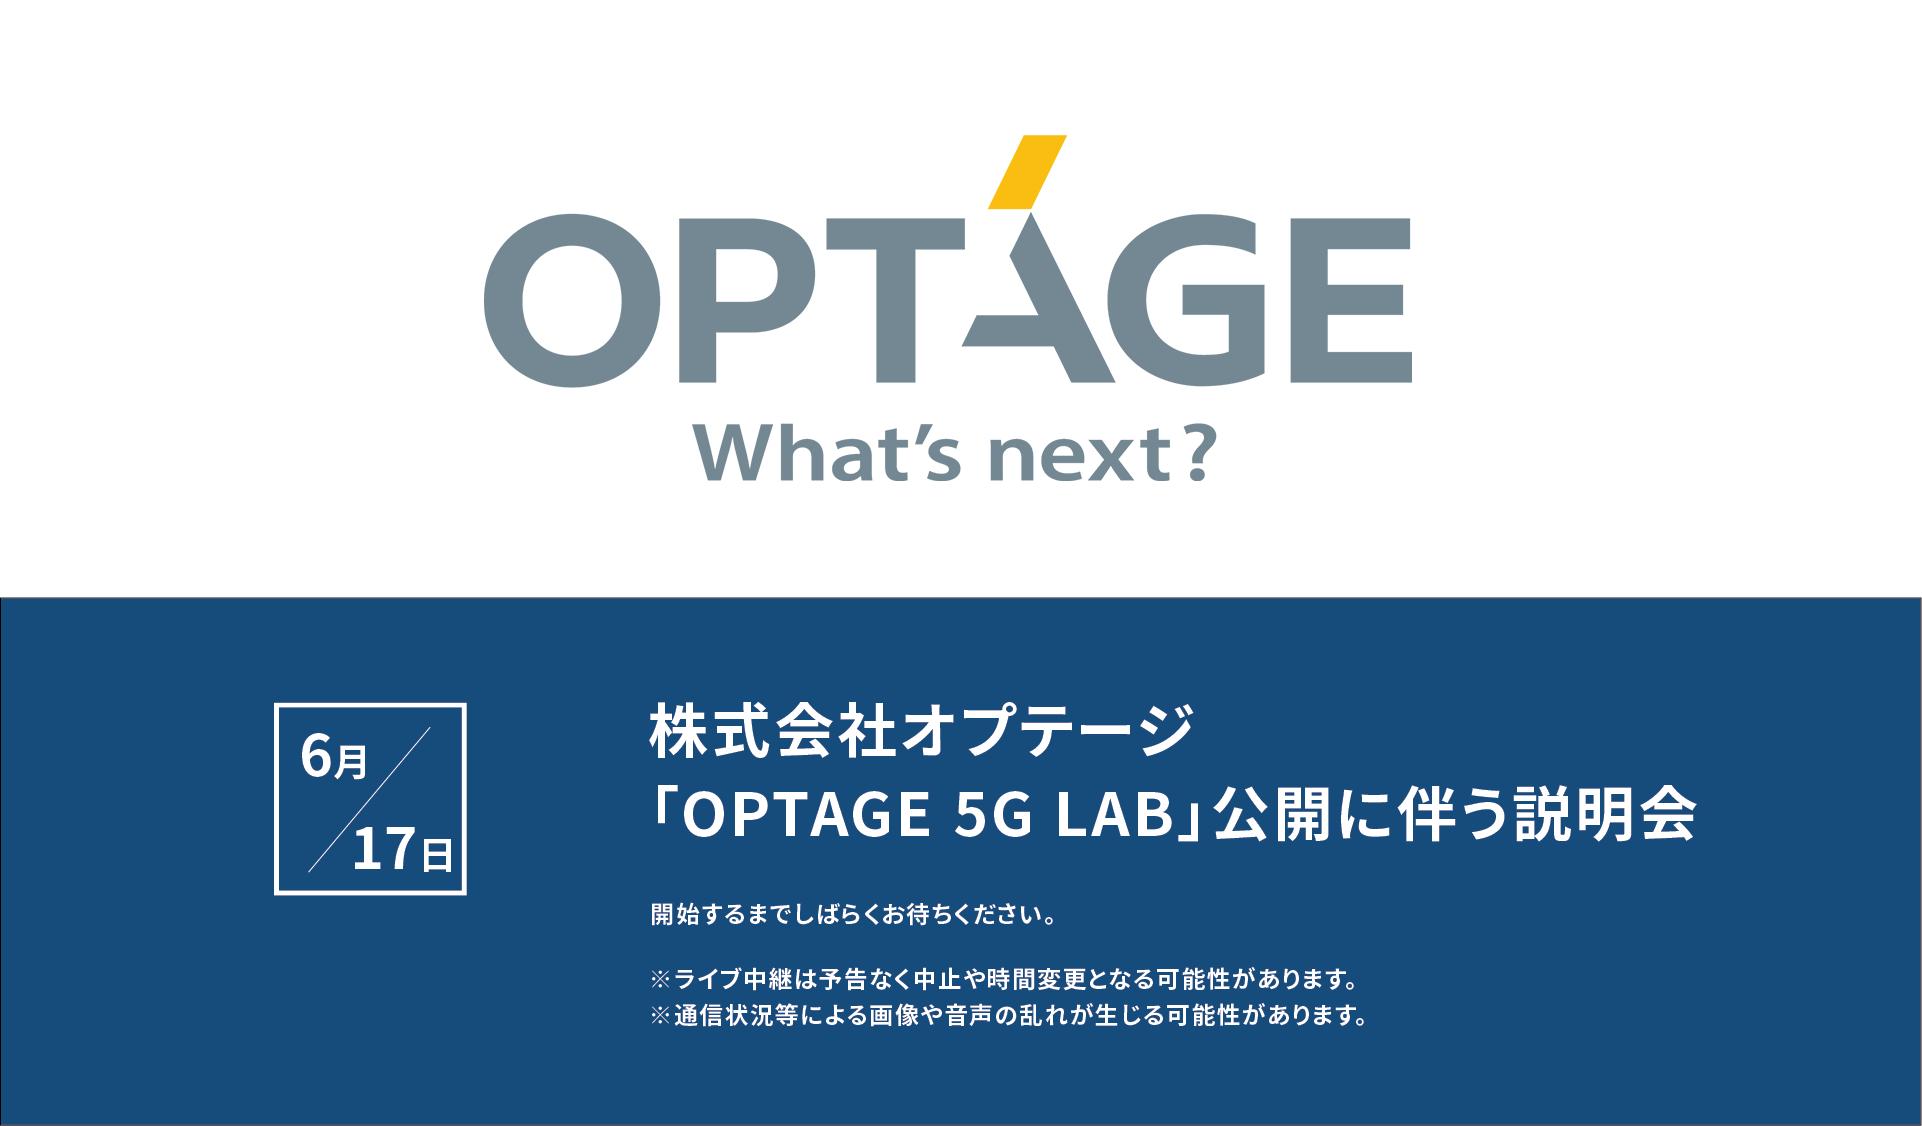 オプテージの「ローカル5G」オープンラボ、『OPTAGE 5G LAB』メディア向け説明会・見学会